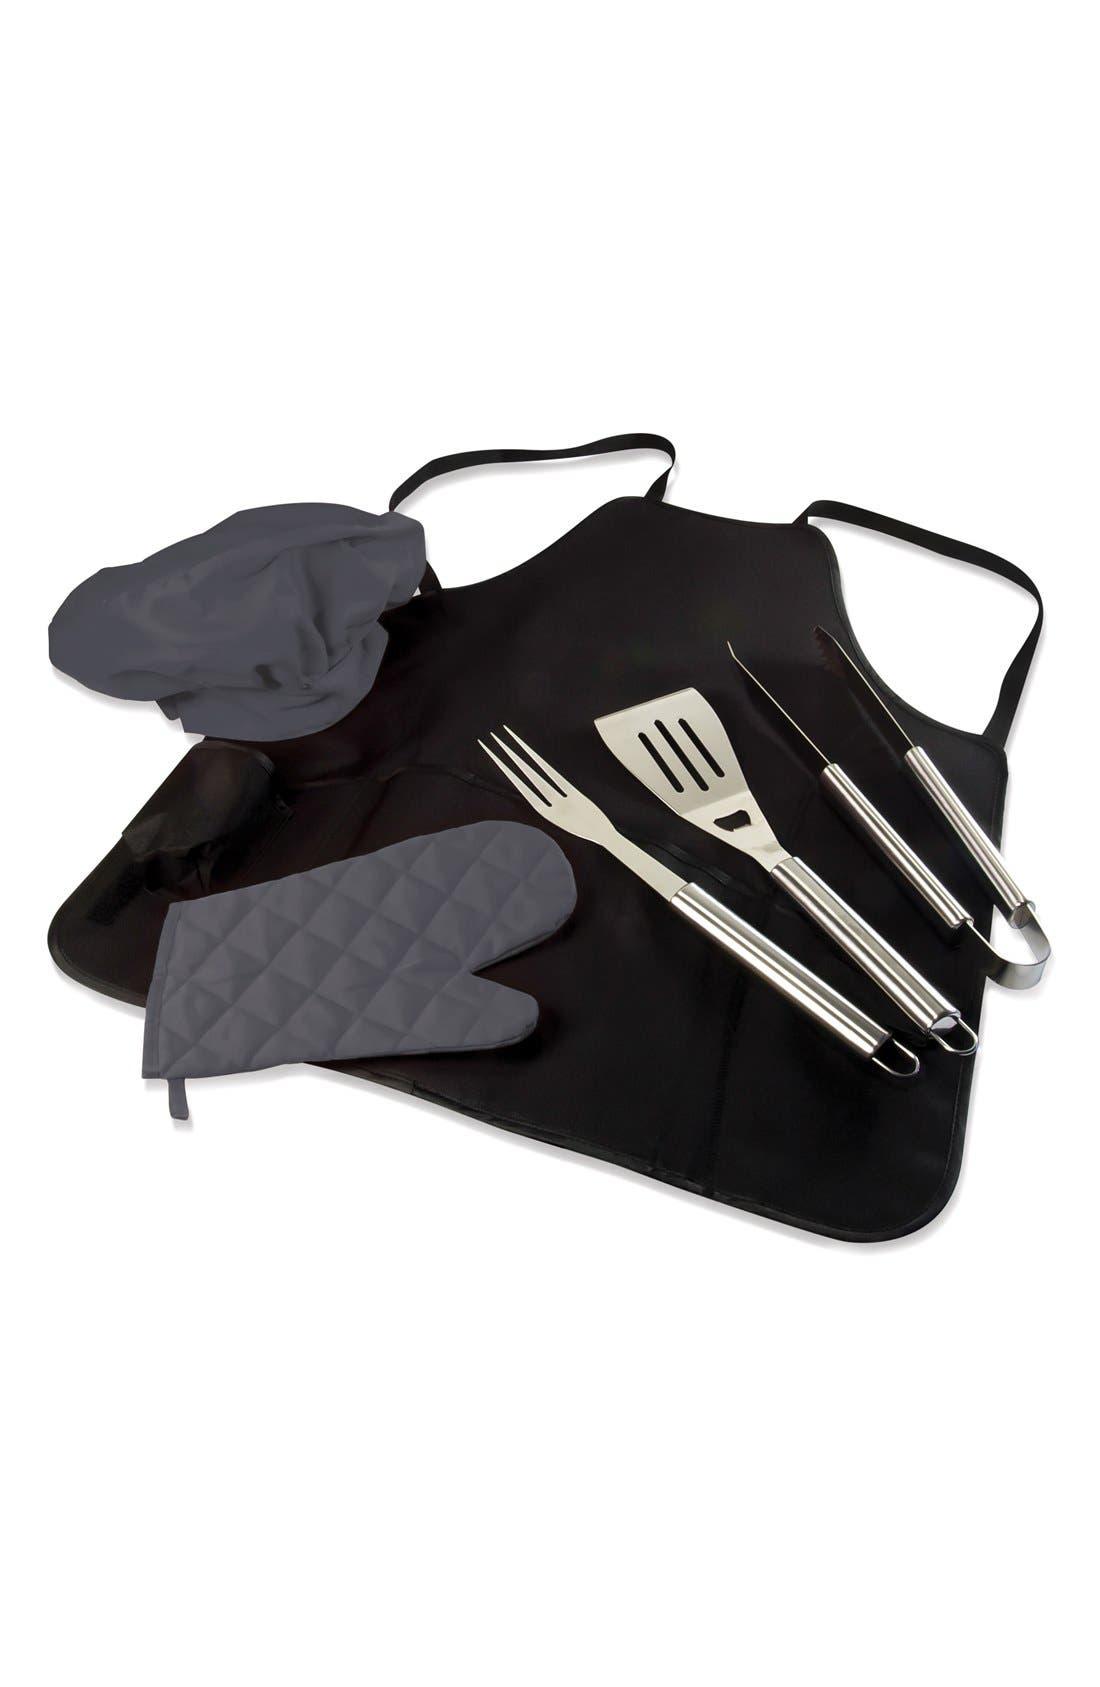 'BarbecuePro' Apron Tote,                         Main,                         color, Black